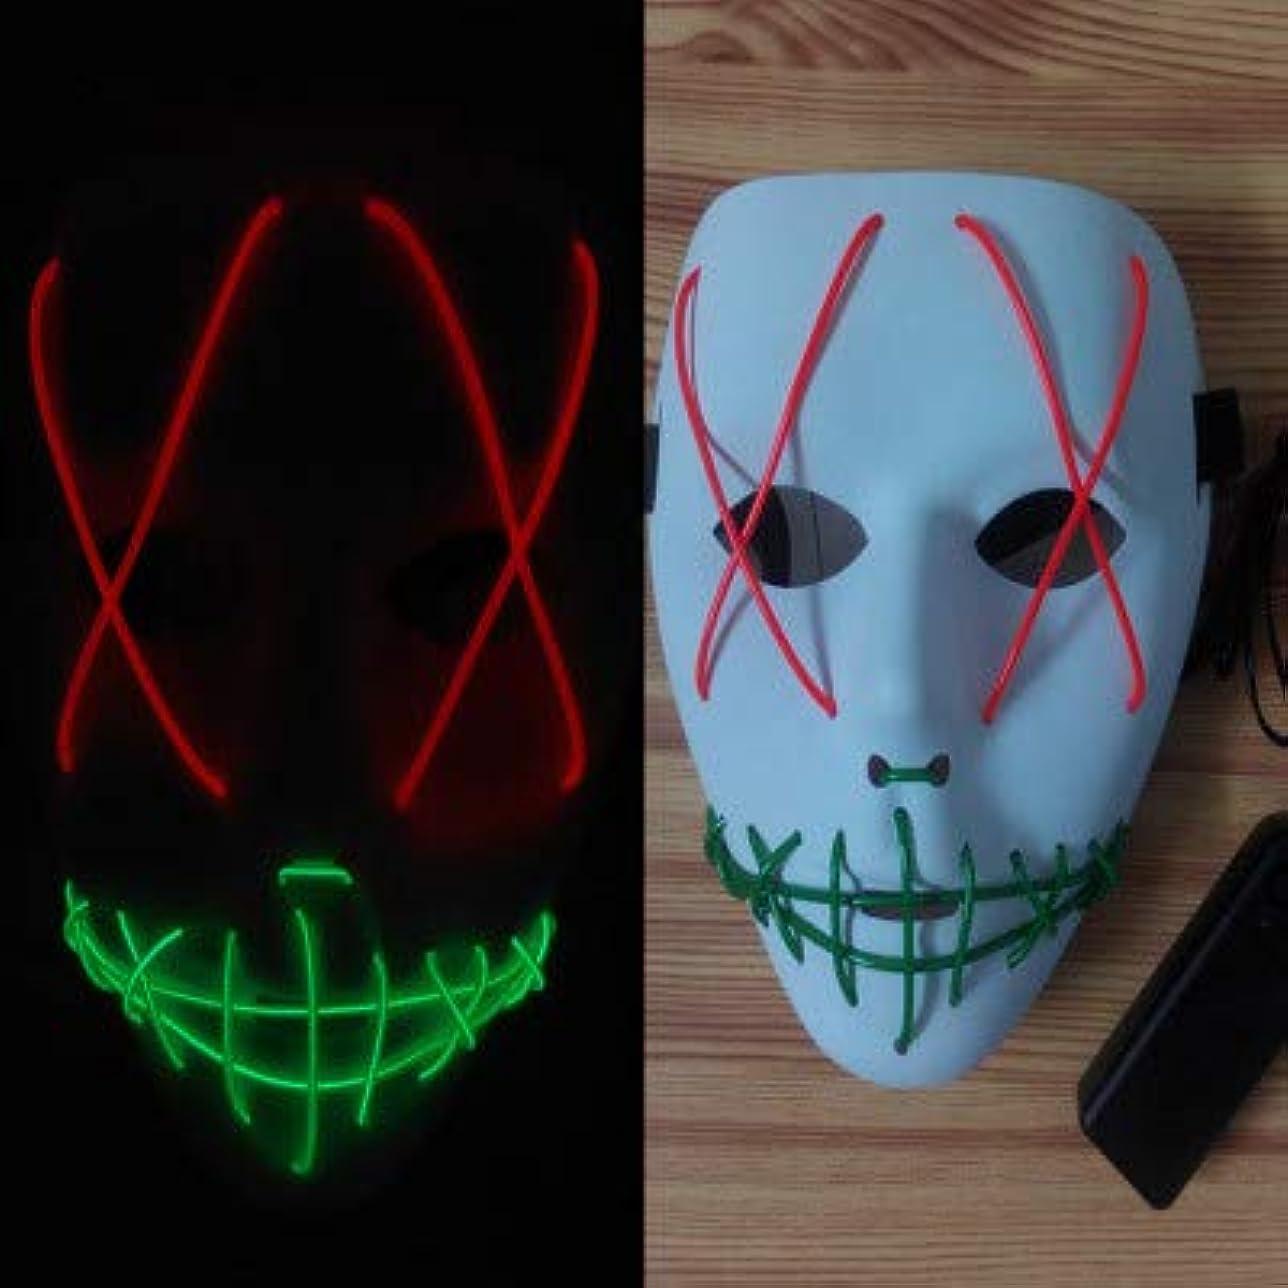 ソーダ水肉イースター輝く不気味なマスク、祭りのハロウィーンの衣装、コスプレパーティー